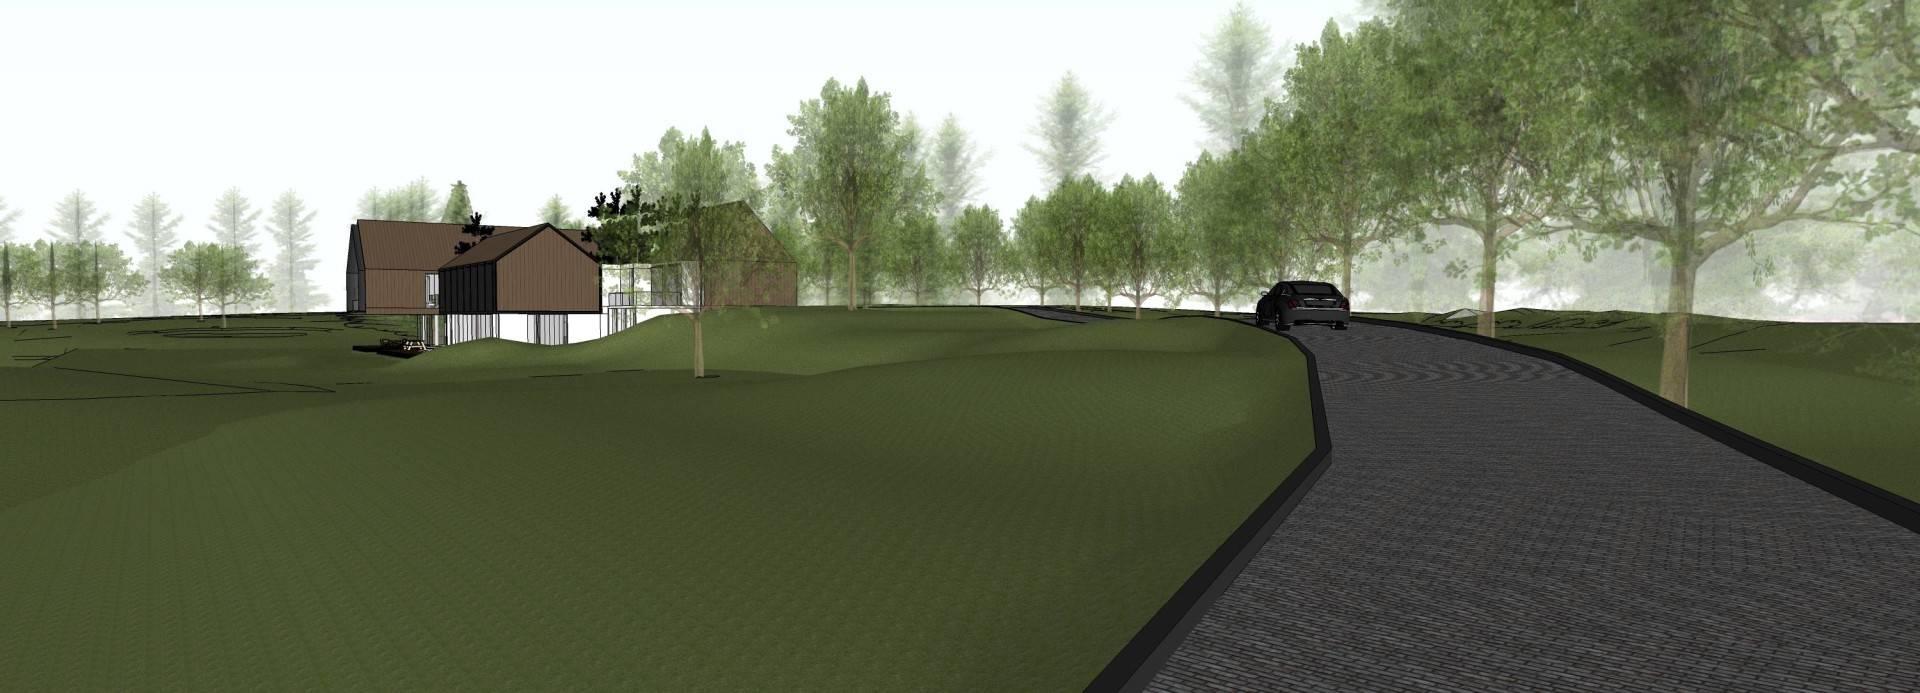 Welly Kusumo Bonding House (Competition Dabh) London, Uk North London Uk Tree   3614